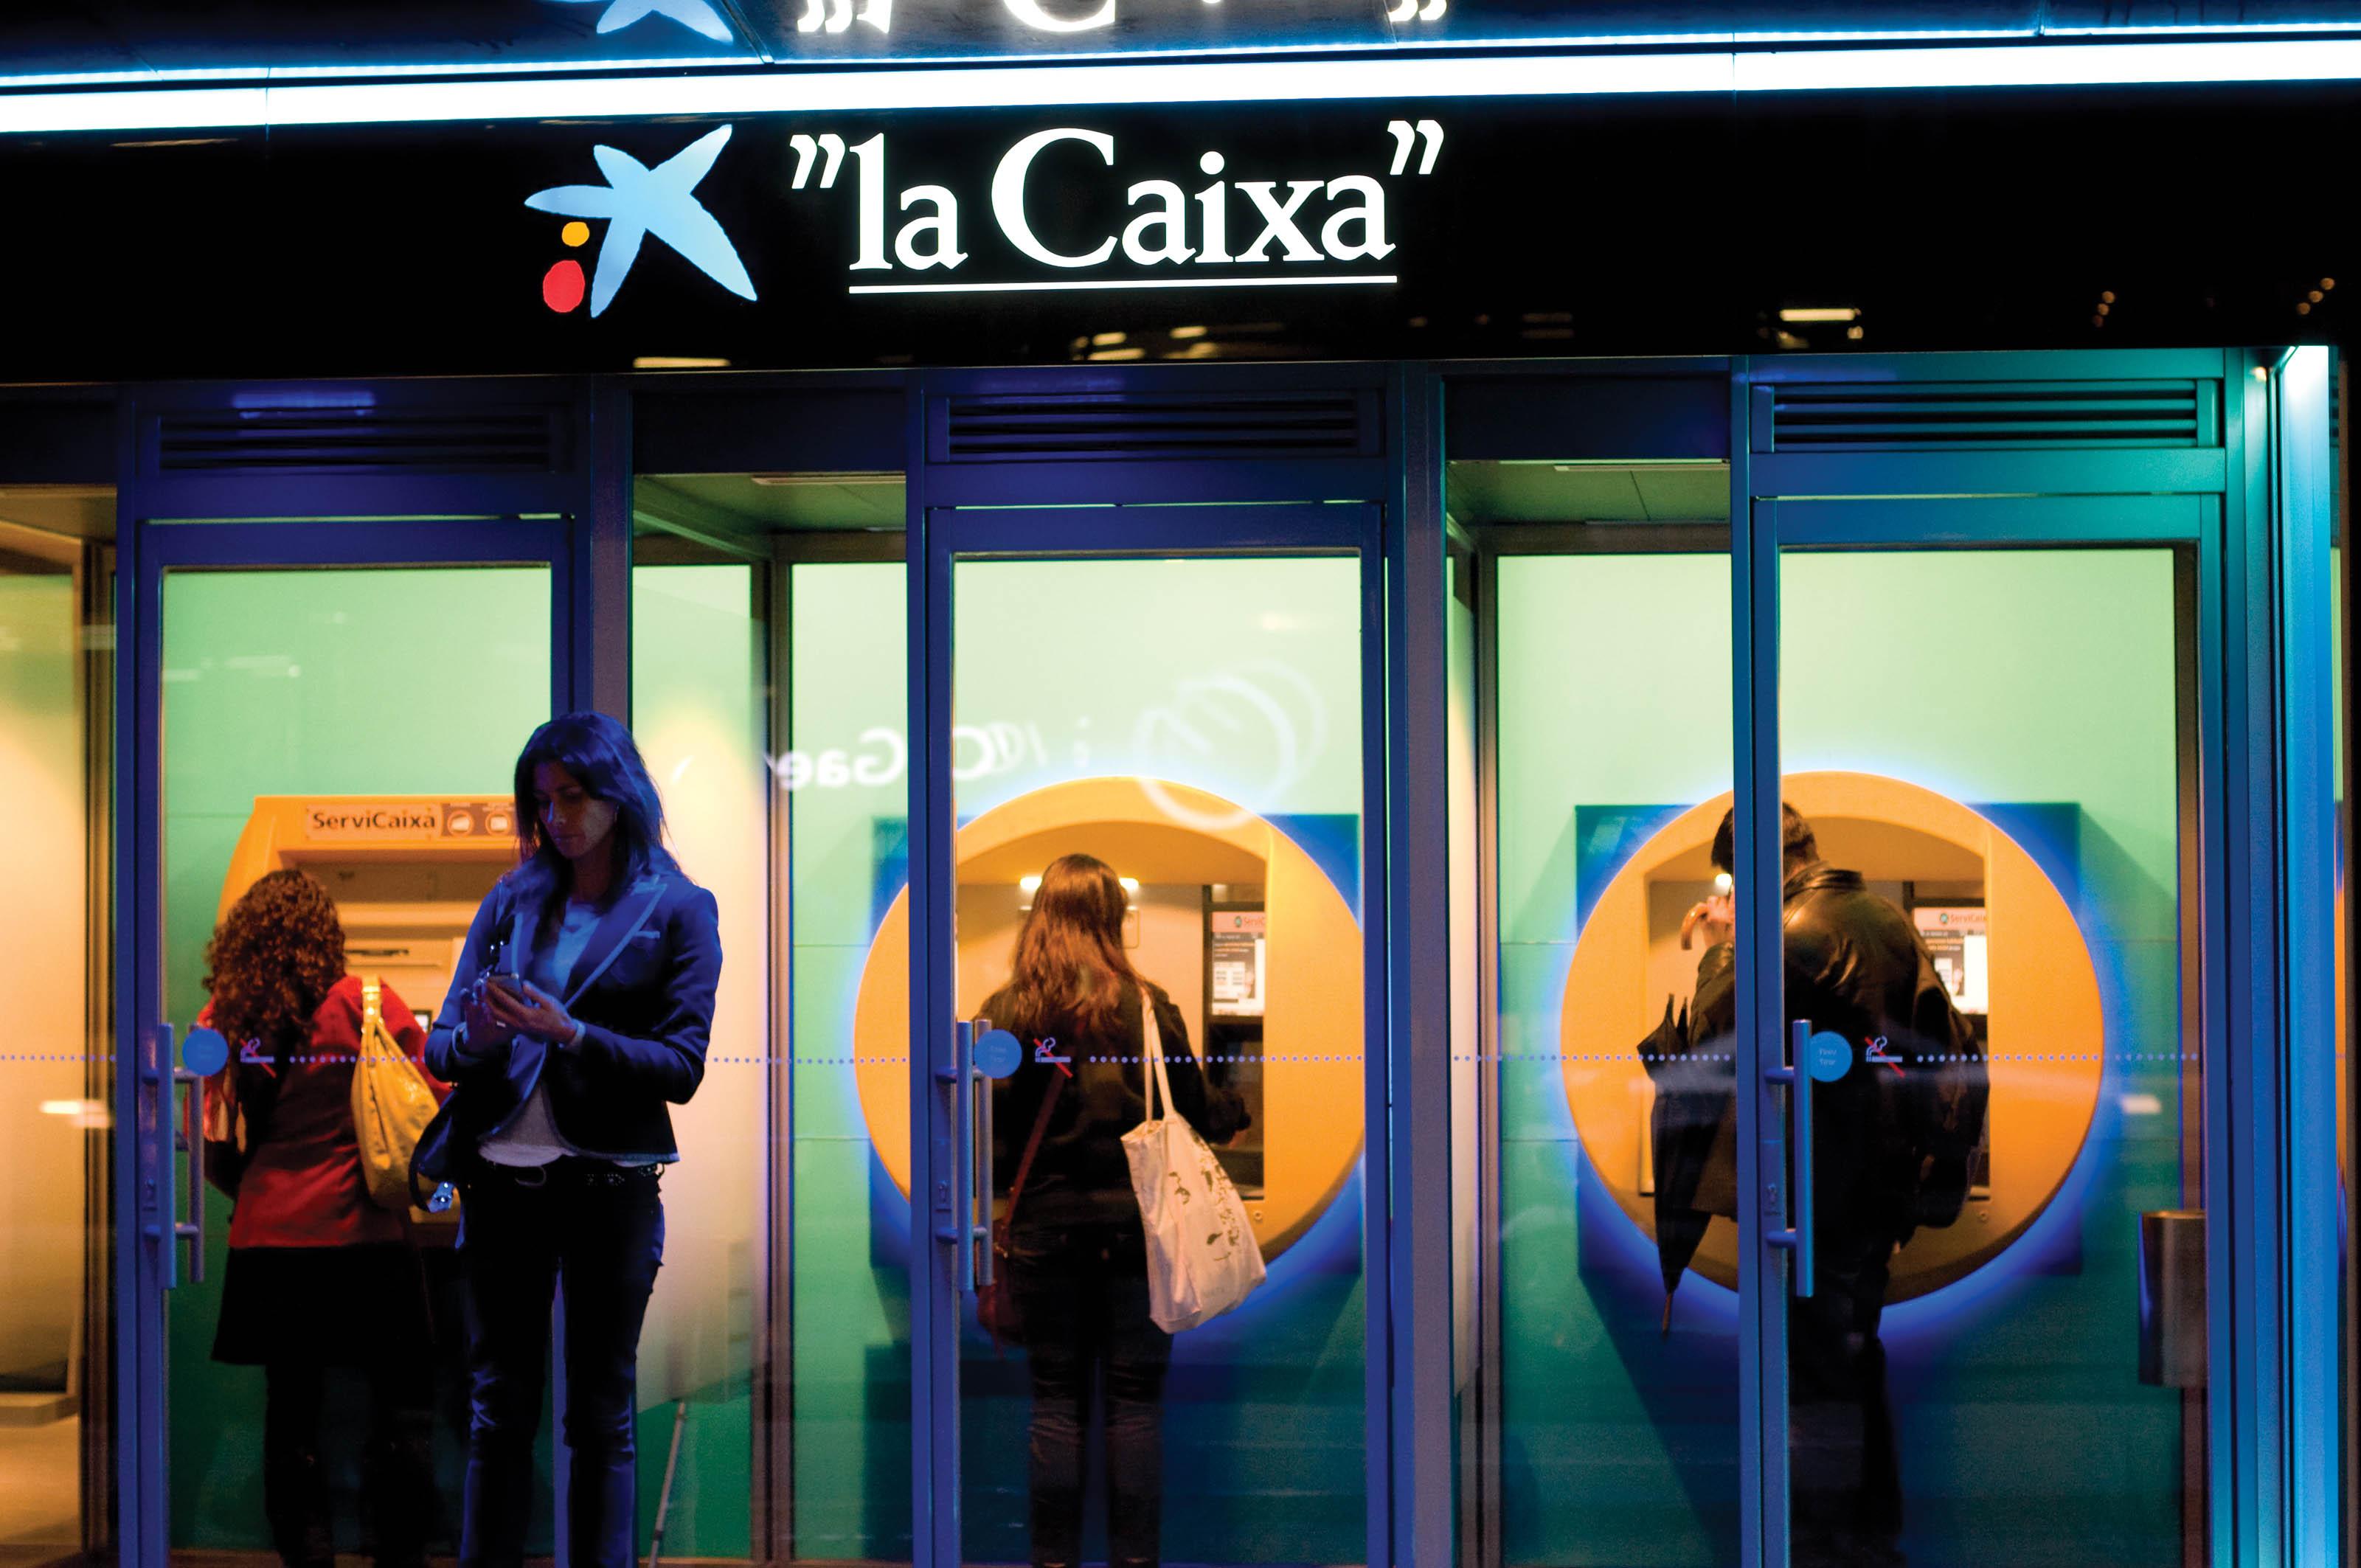 Dels 21 milions d'euros destinats als crèdits particulars d'Osona, 10,8 milions eren per préstecs hipotecaris i 10,2 per productes de consum